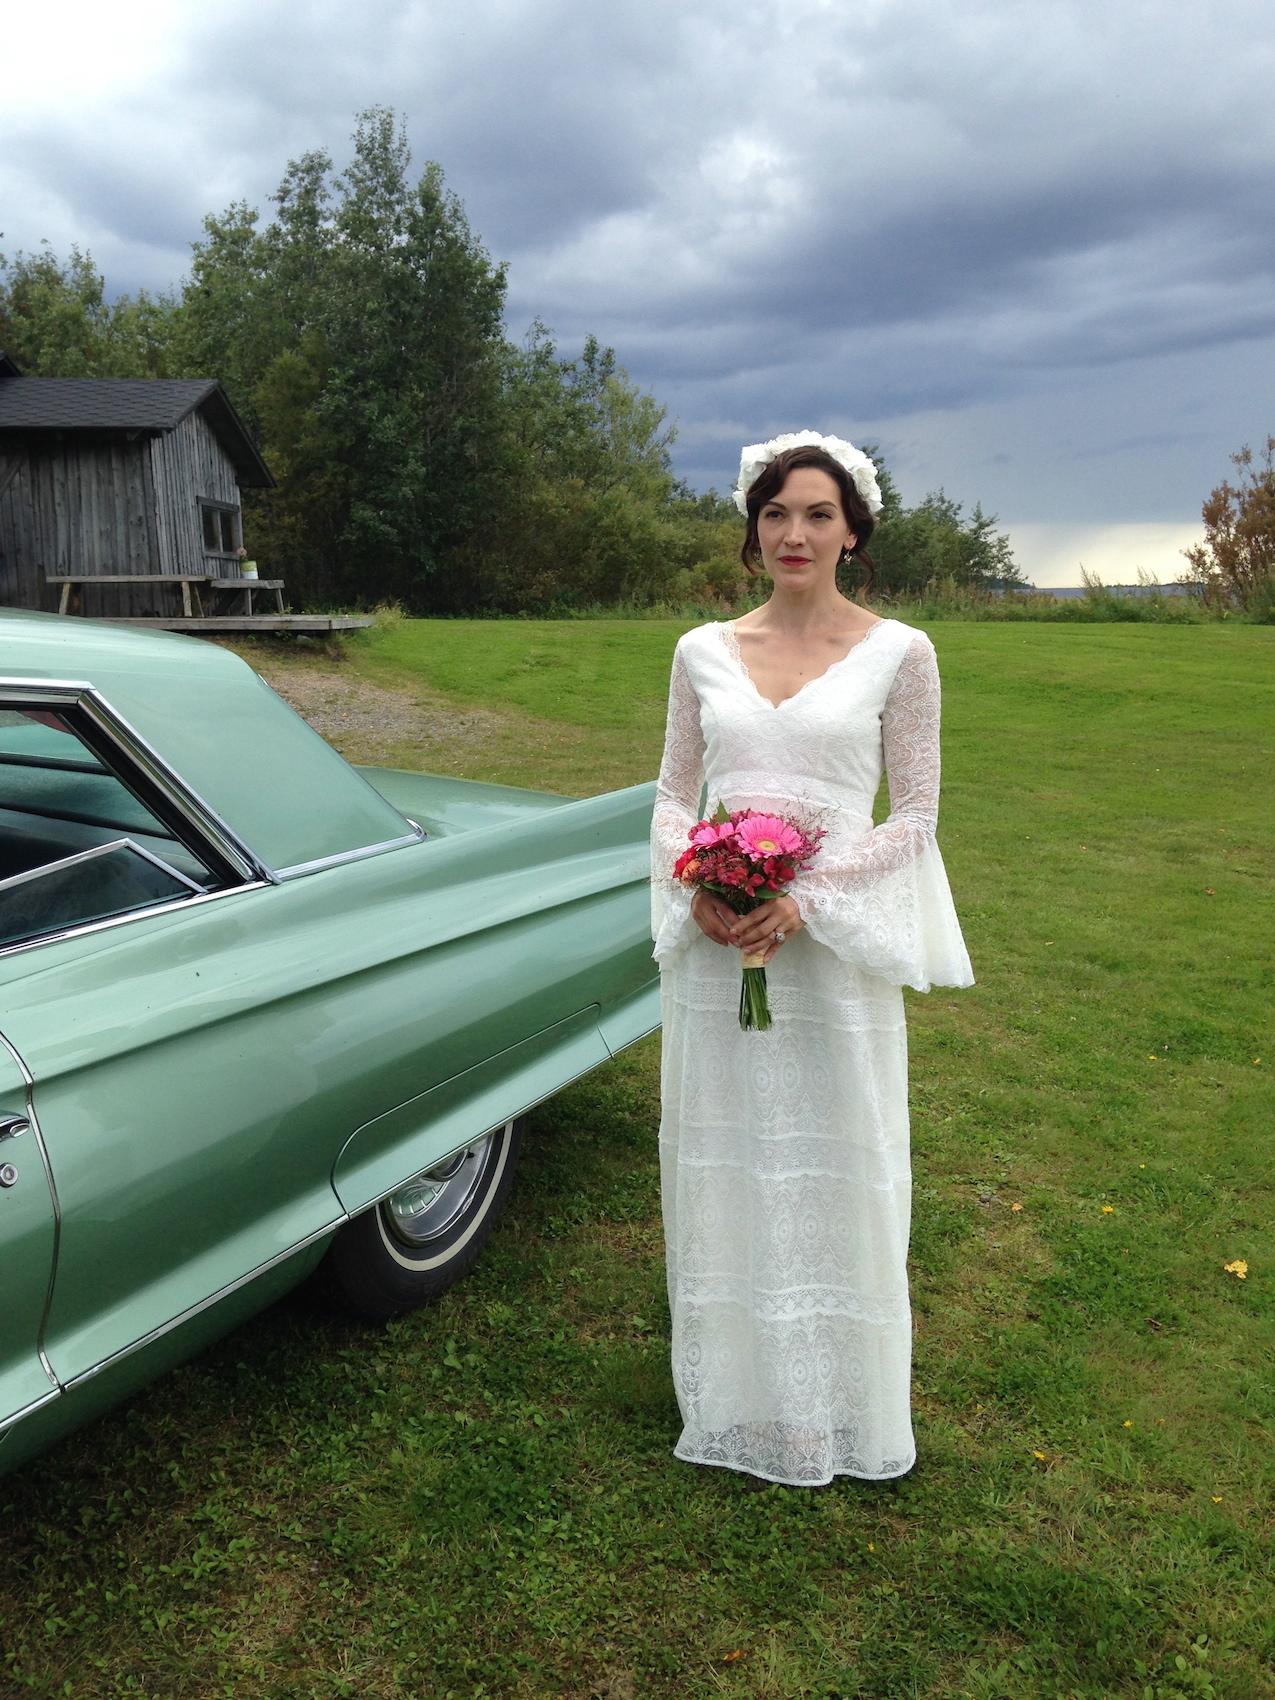 wedding dress by Sofia Ilmonen